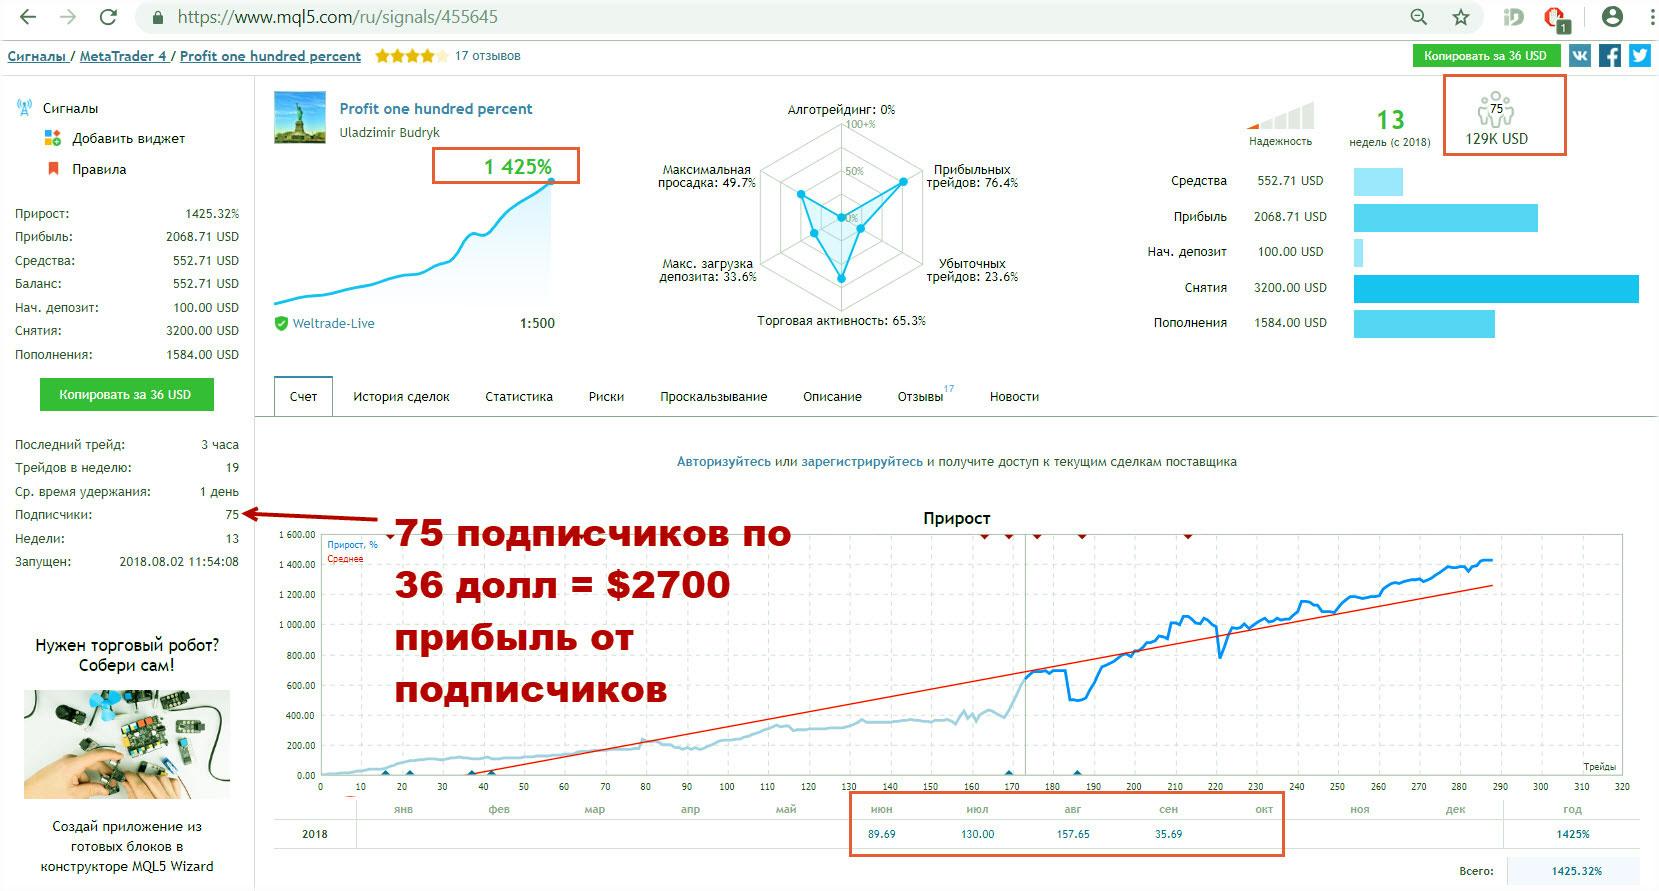 Отзыв TOP— трейдера: история успеха клиента WELTRADE